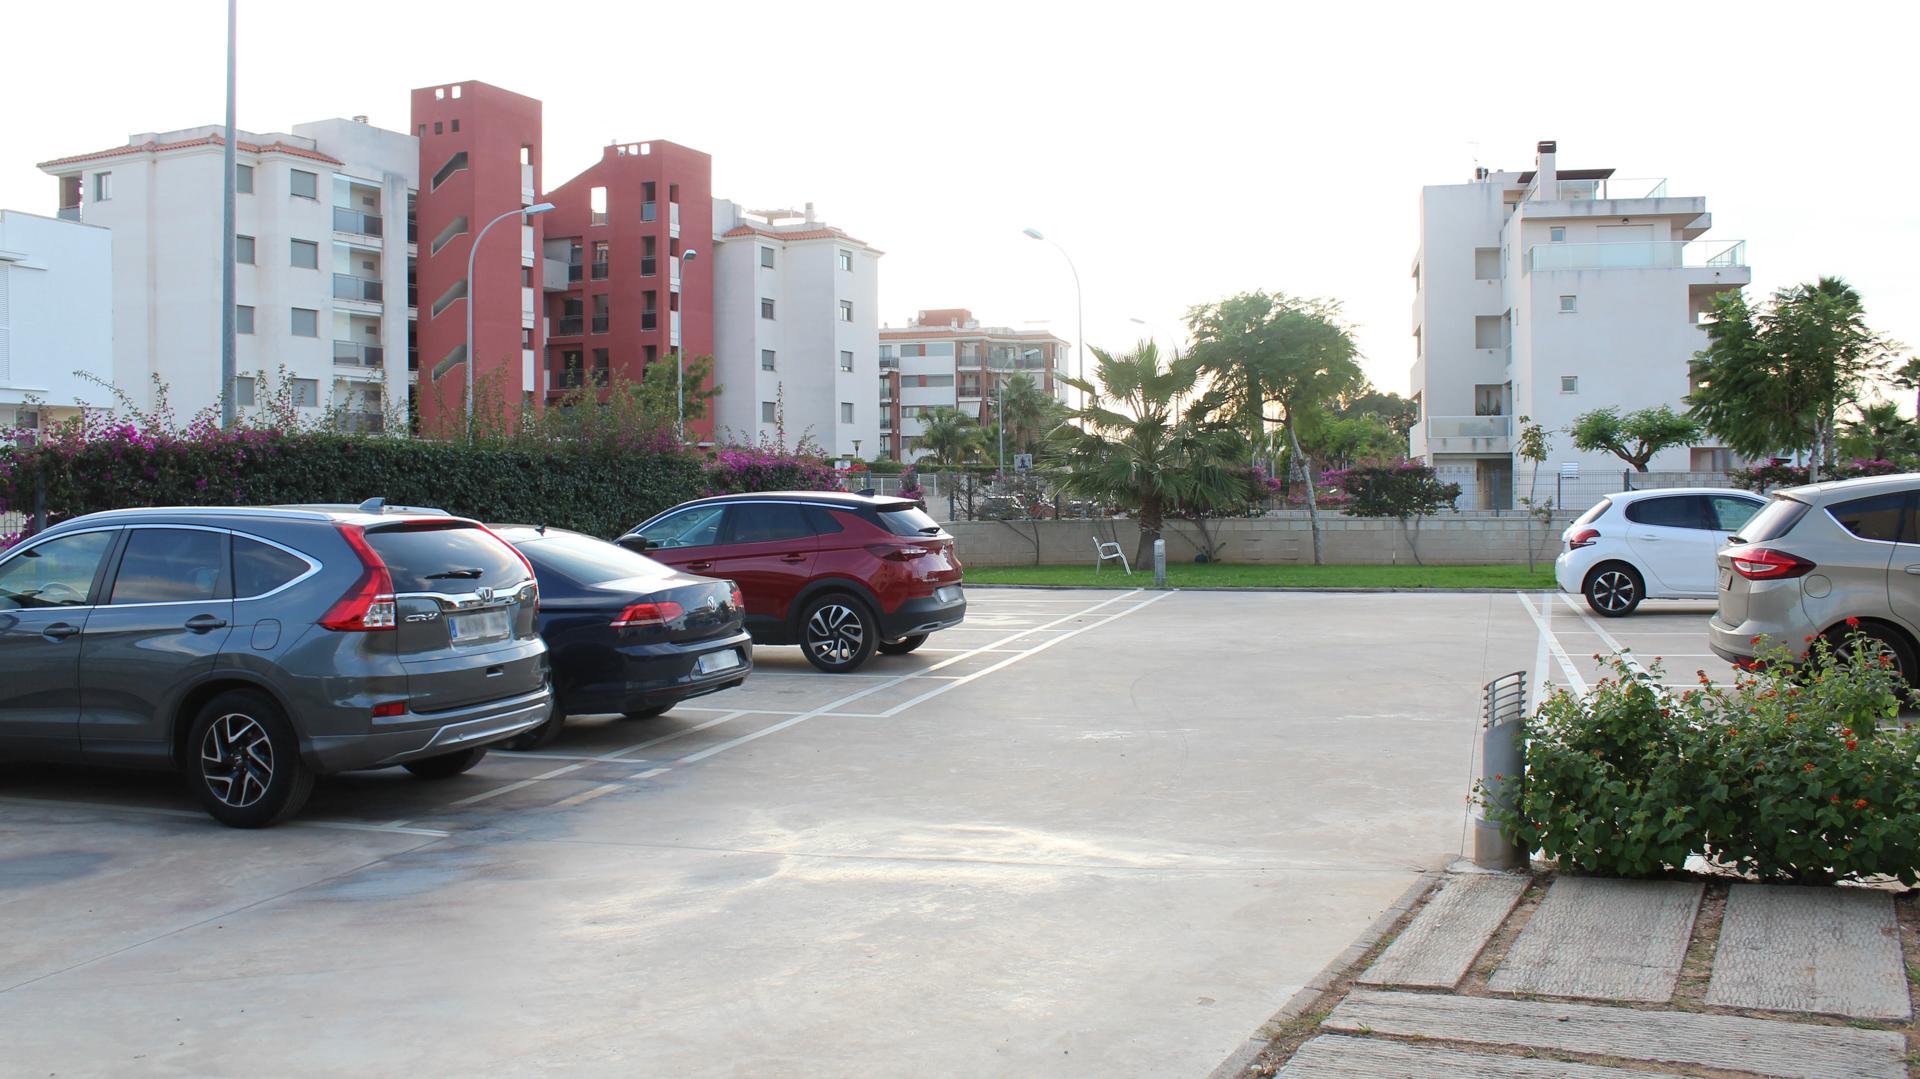 vitalcasa.sooprema-propiedades_5dc3ea223ff17-source